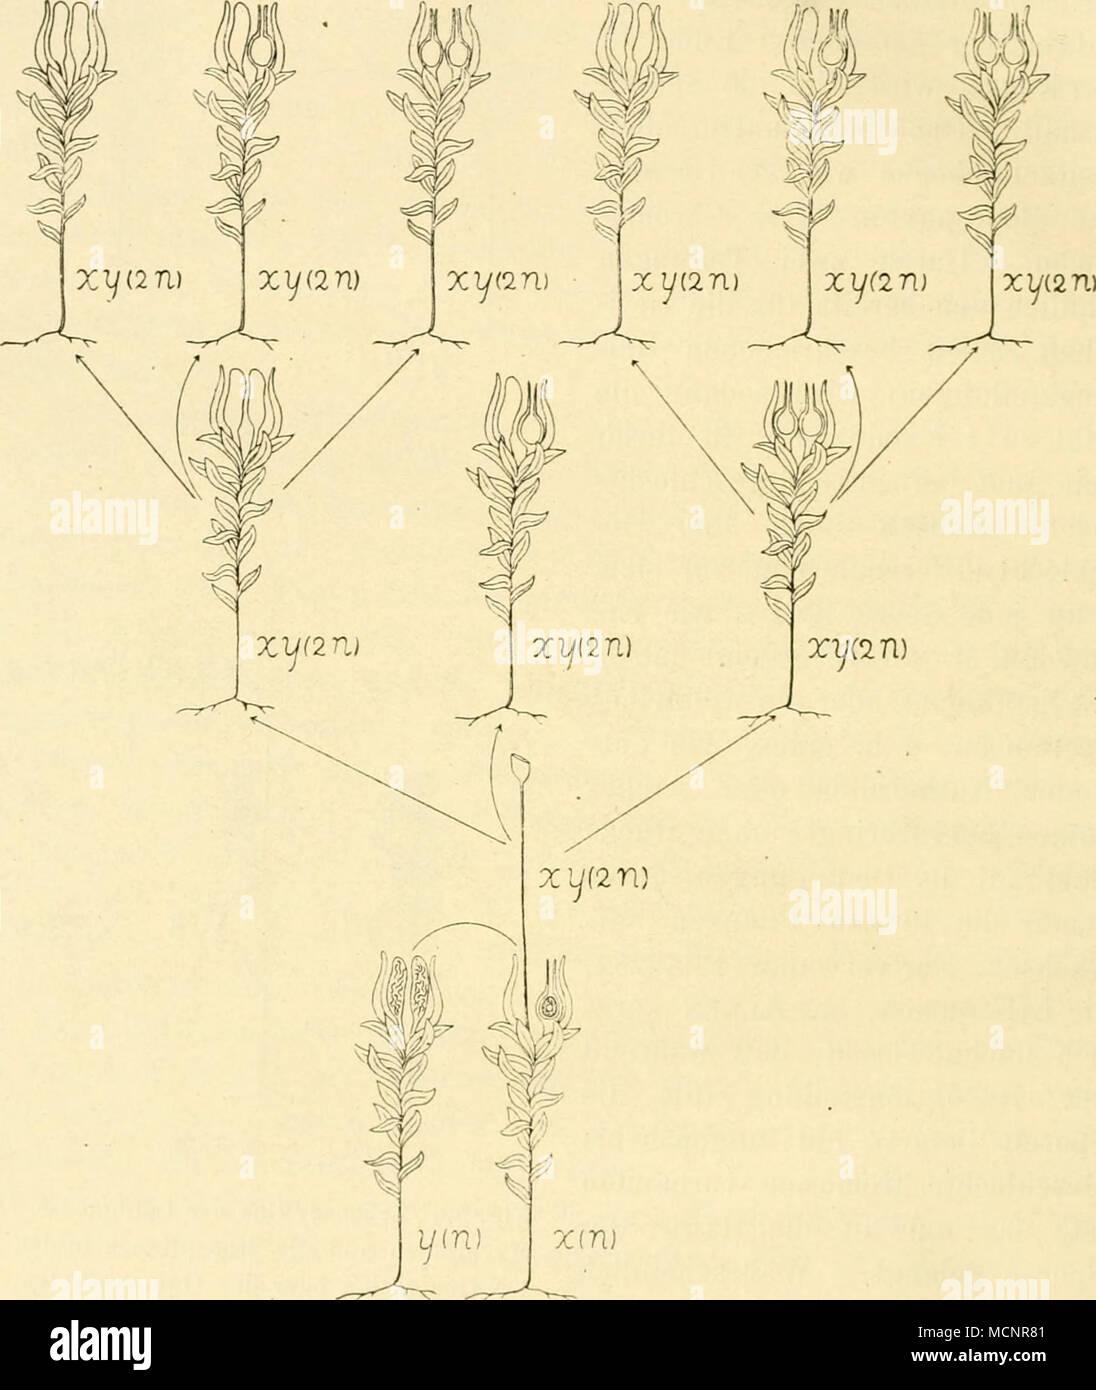 T/in) © XiTl} Fig. 60. Bildung von 2 N-Individuen durch Regeneration ...